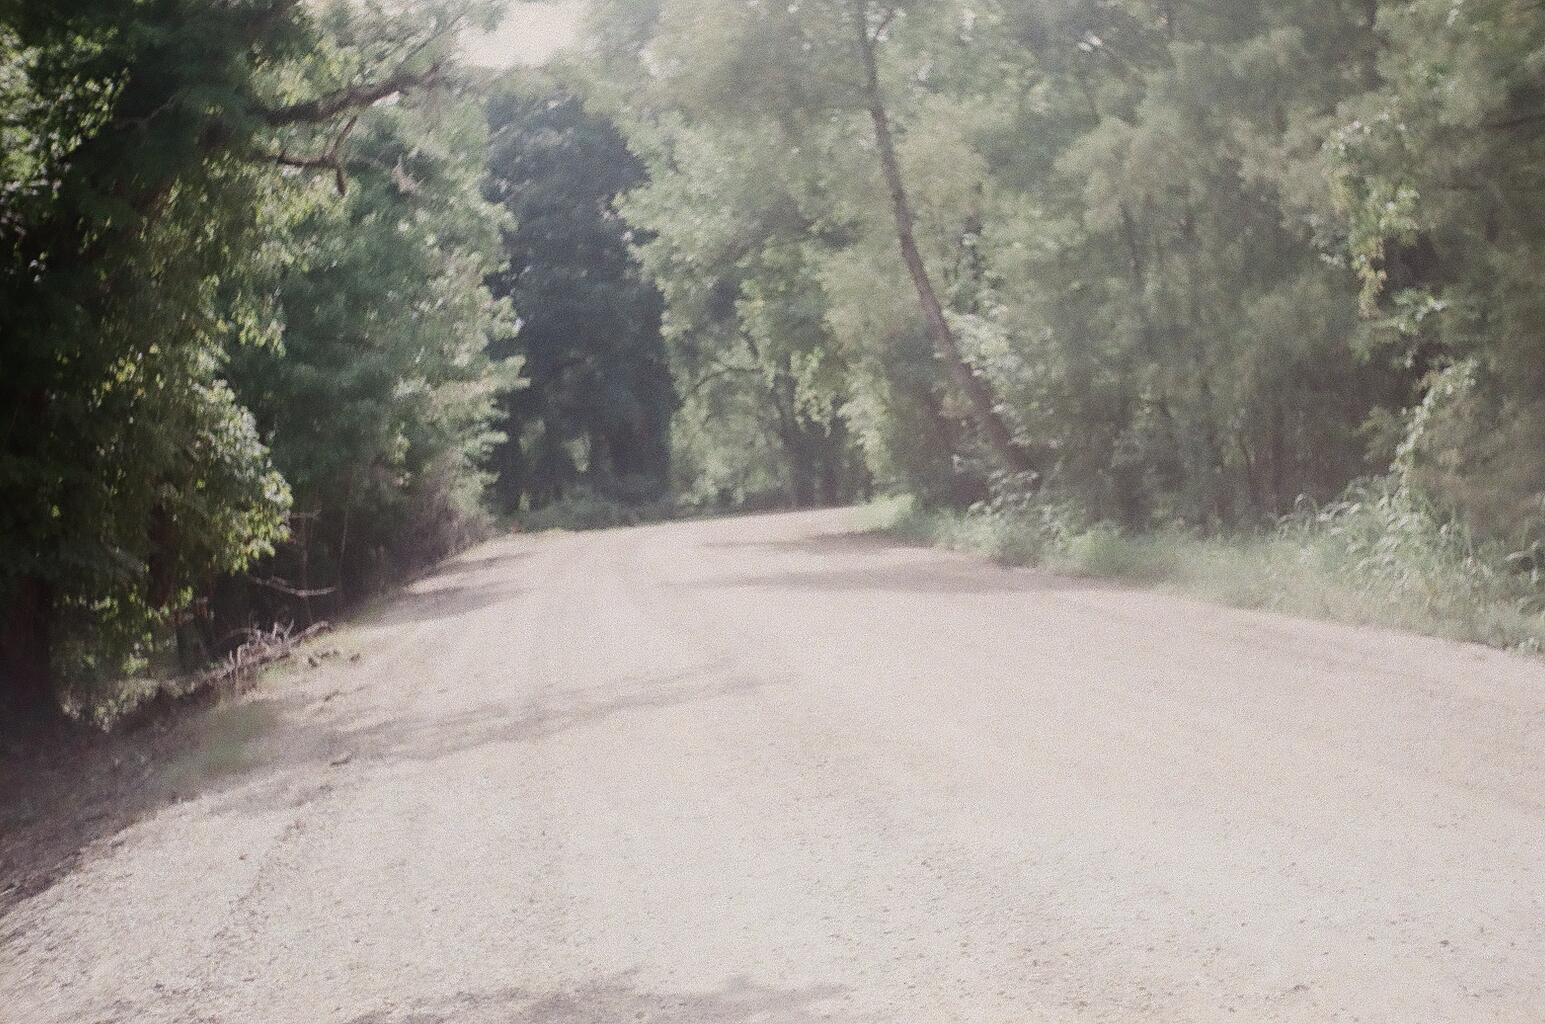 A gravel road